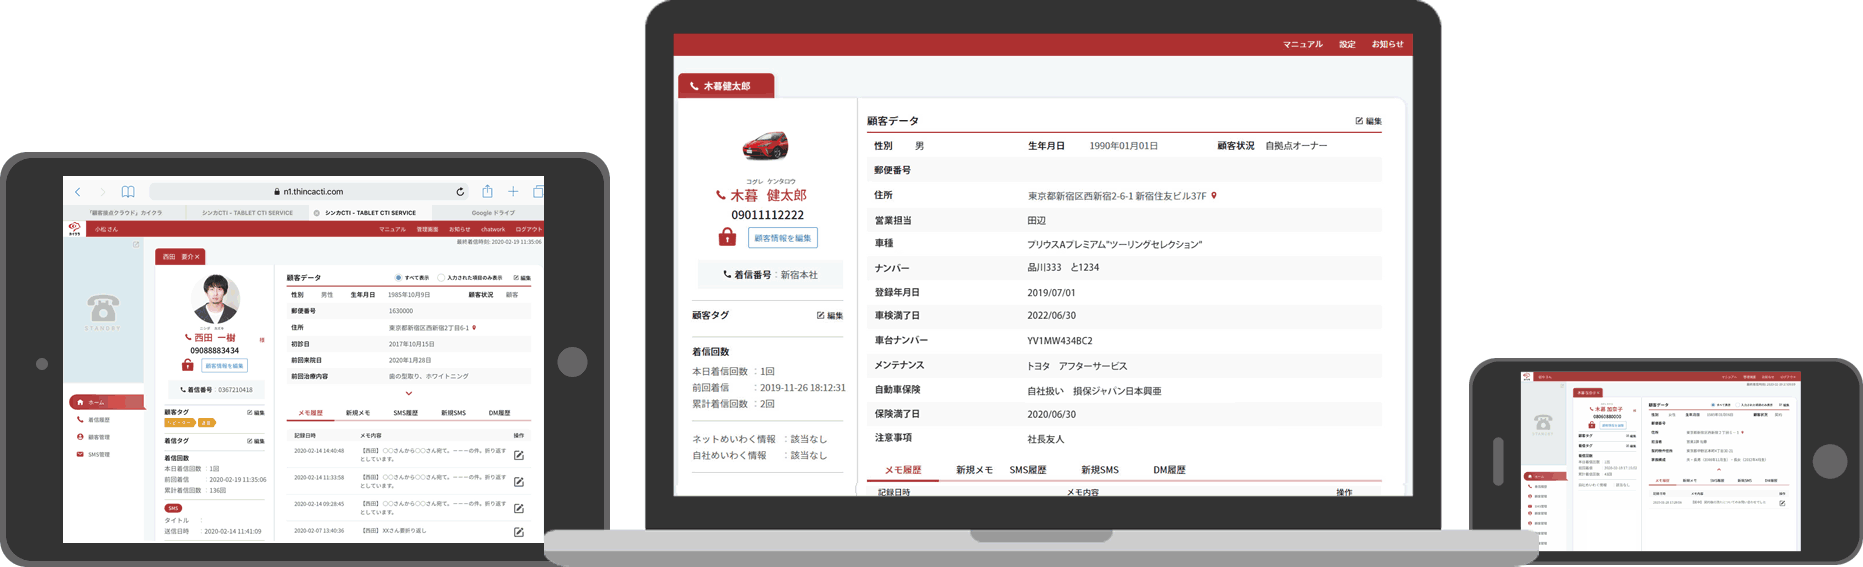 シンカの顧客接点クラウド「カイクラ」が秋田県・秋田市コールセンターで採用